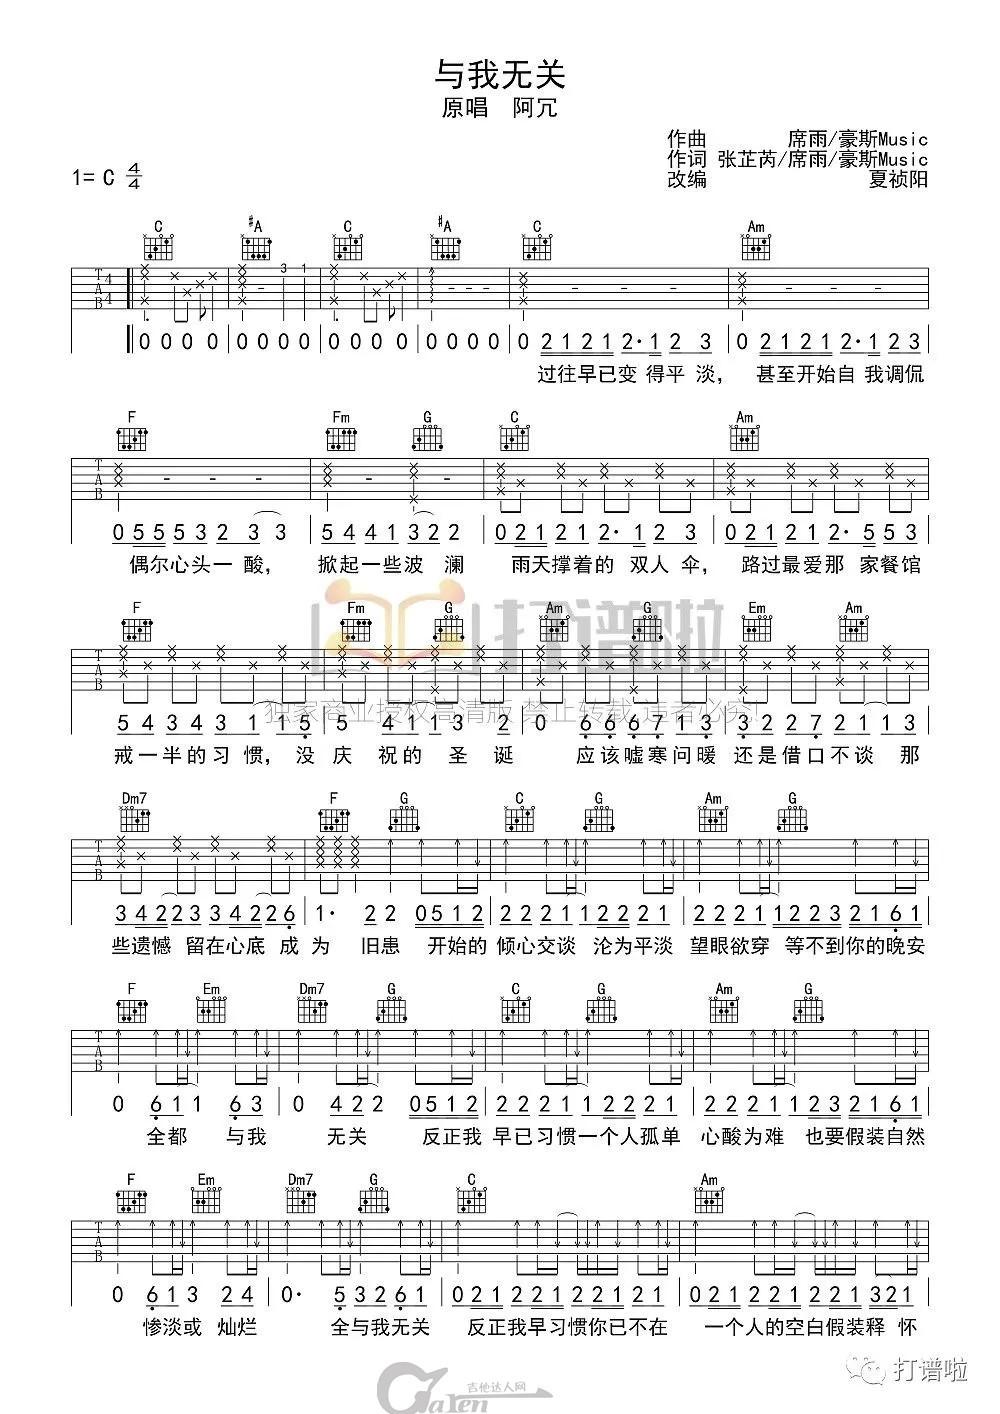 阿冗《与我无关》C调吉他谱_吉他教学视频_吉他达人网